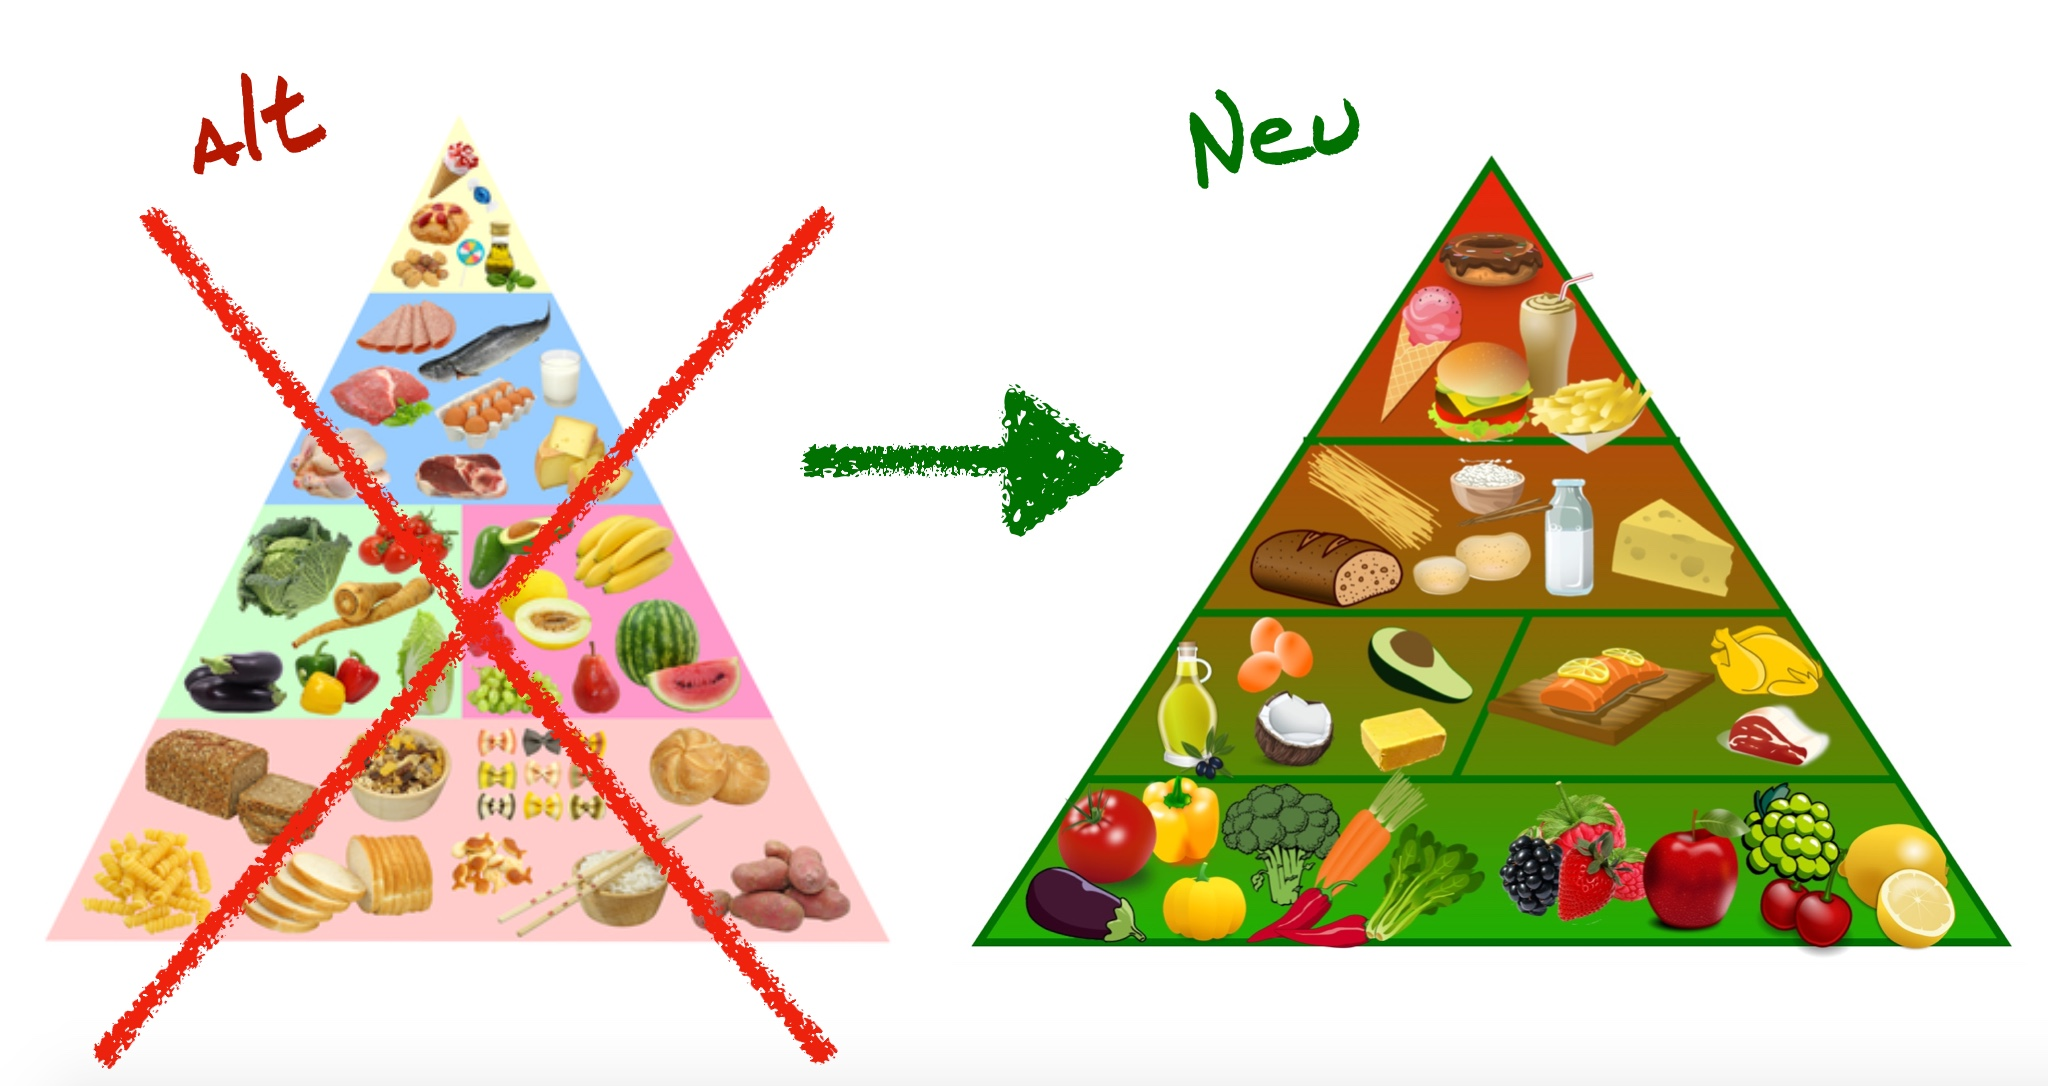 Ernährungspyramide alt vs. neu